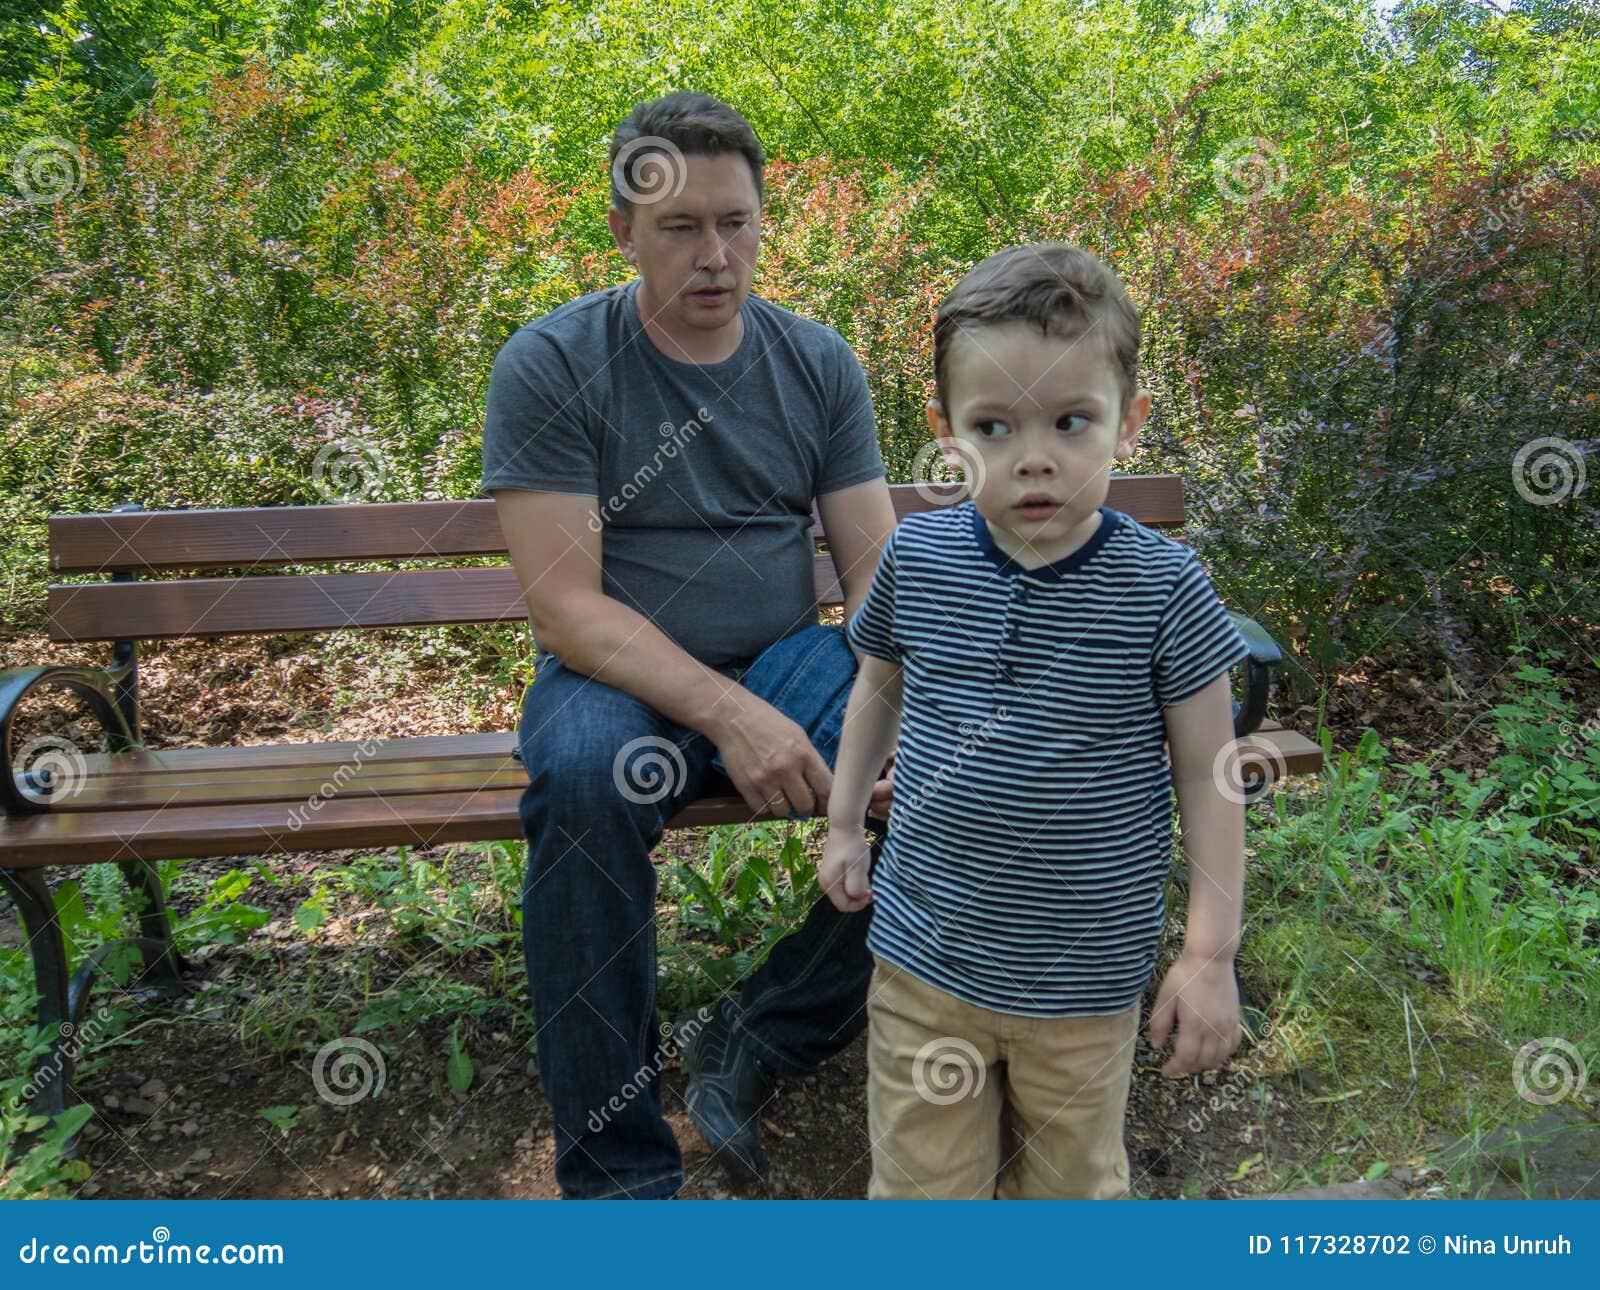 Ο πατέρας κάτι στο γιο του που πηγαίνει μακριά αλλά που ακούει